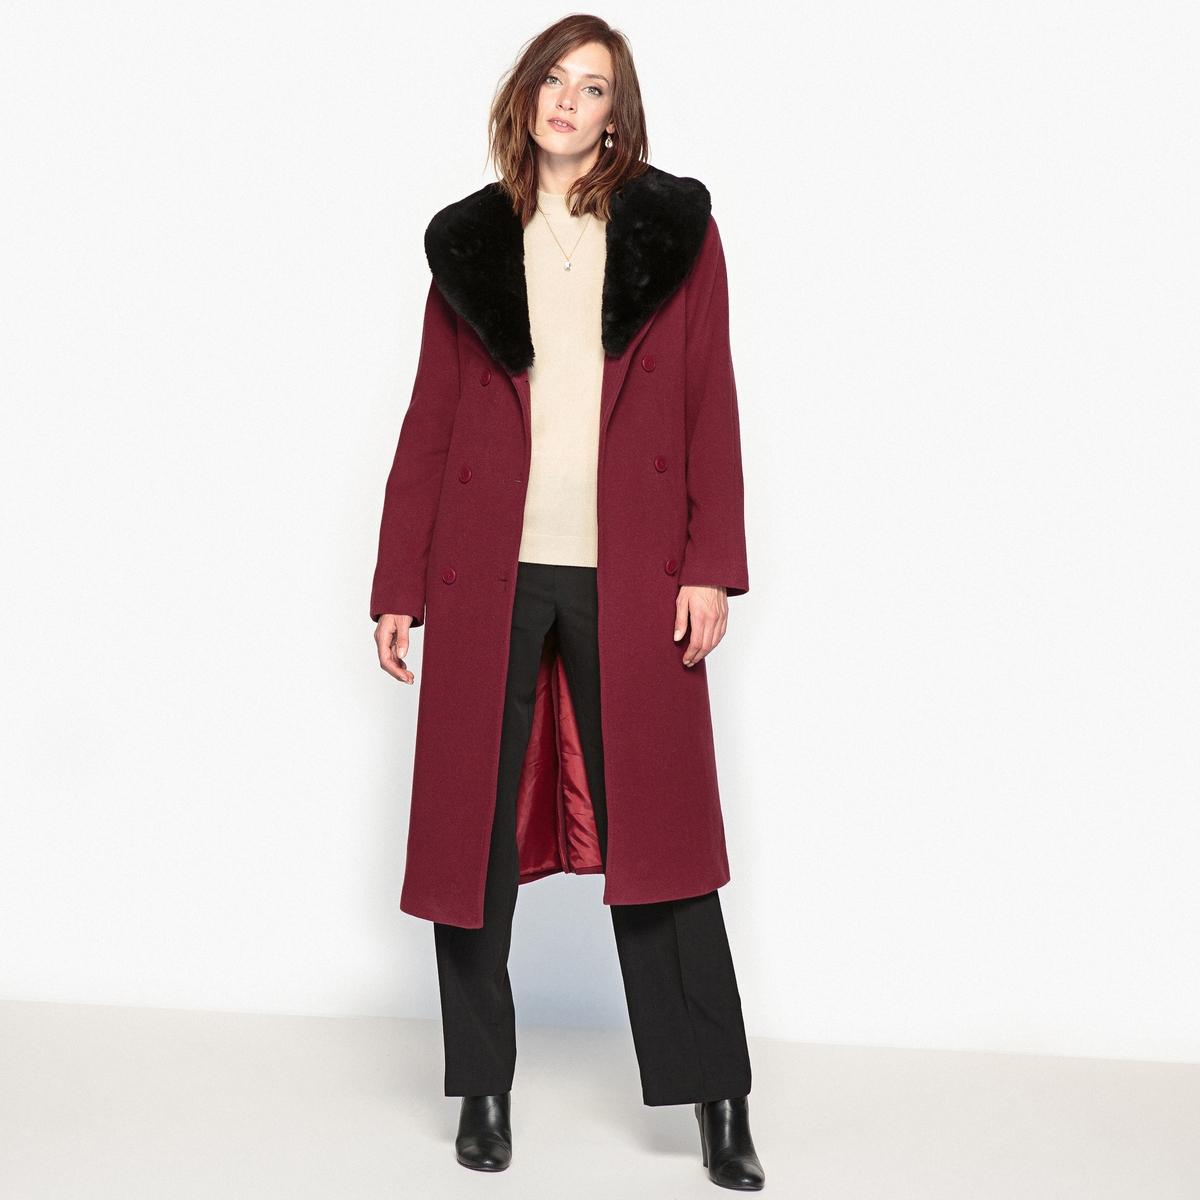 Пальто из шерсти и кашемира, длина 110 см пальто из шерстяного драпа 70